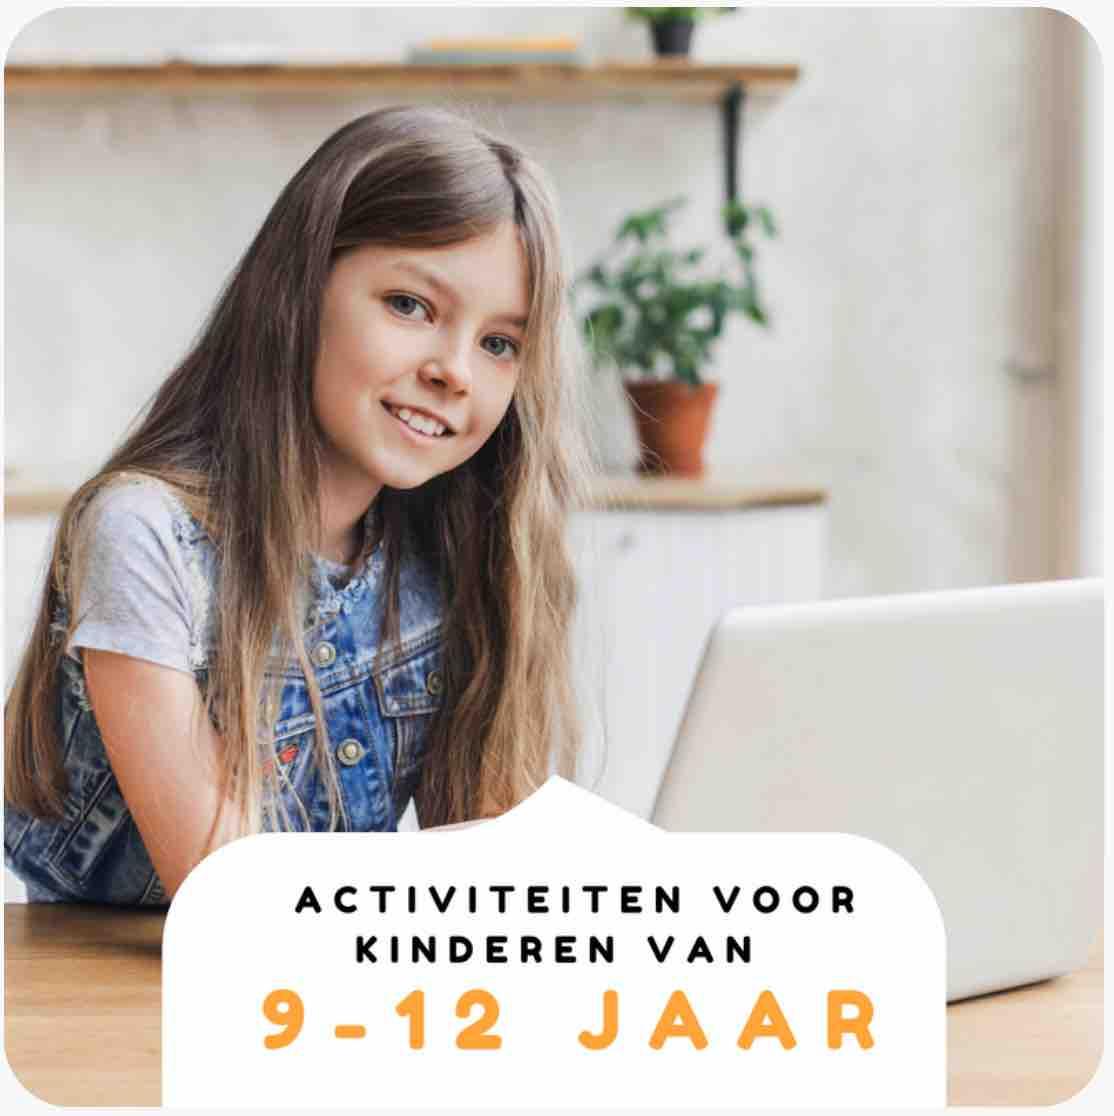 Nederlandstalige activiteiten voor kinderen van 9-12 jaar